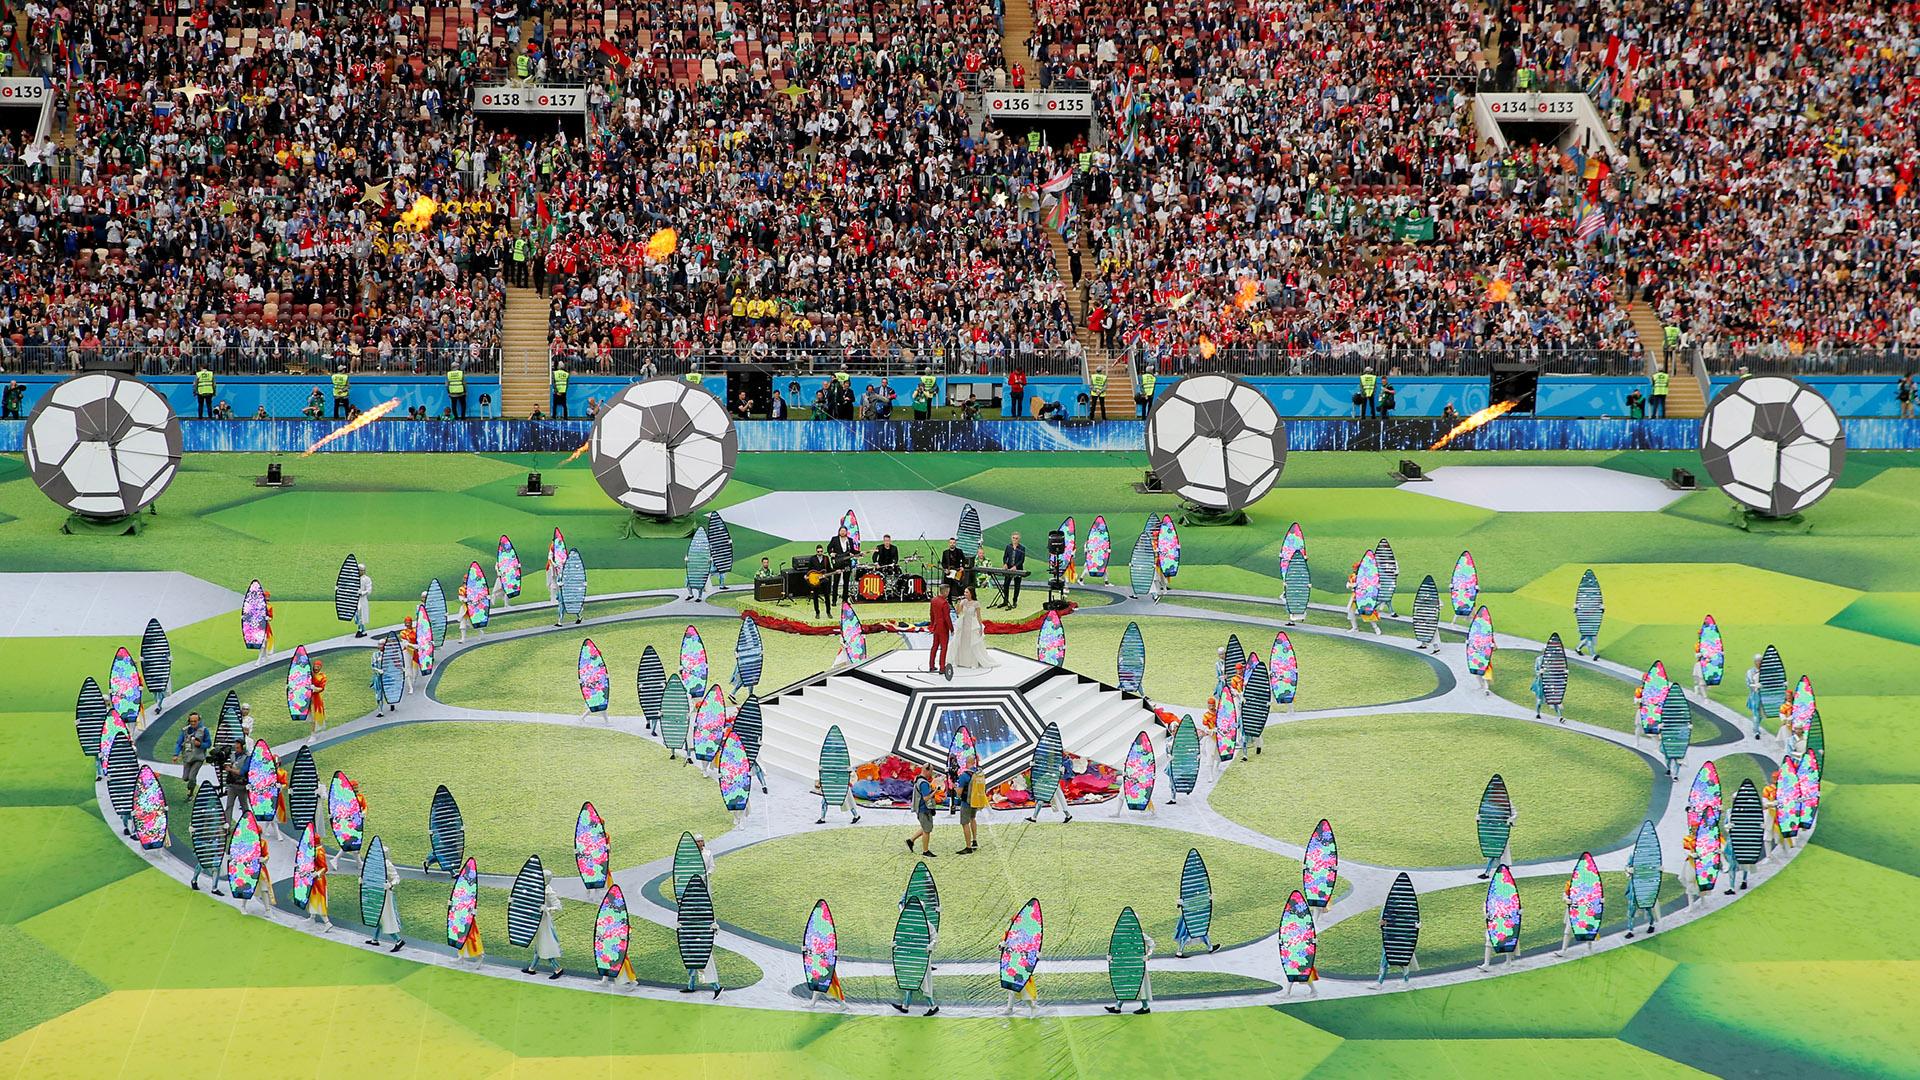 El Estadio Olímpico Luznhiki tiene como fecha apertura el 31 julio 1956 y sufrió dos remodelaciones: en 1997 y en el período 2014-2017, de cara a la cita mundialista (REUTERS/Maxim Shemetov)